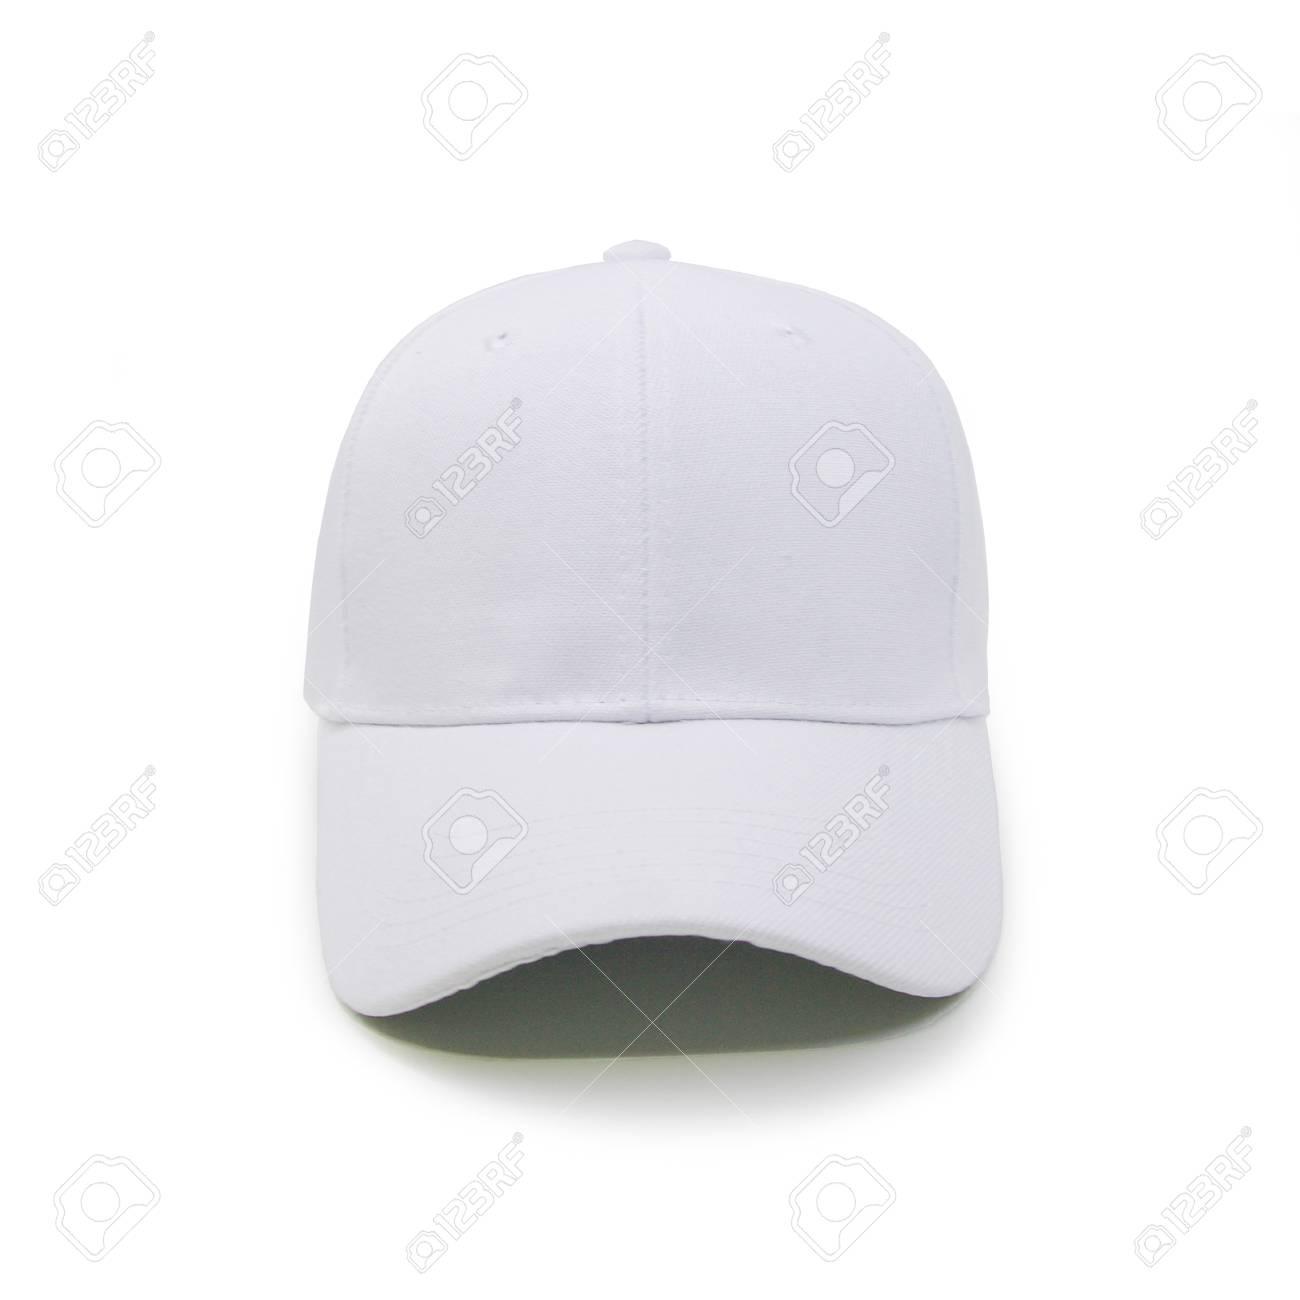 Burlarse de la vista frontal blanca de la gorra de béisbol en blanco sobre  fondo blanco 08d37e1d346